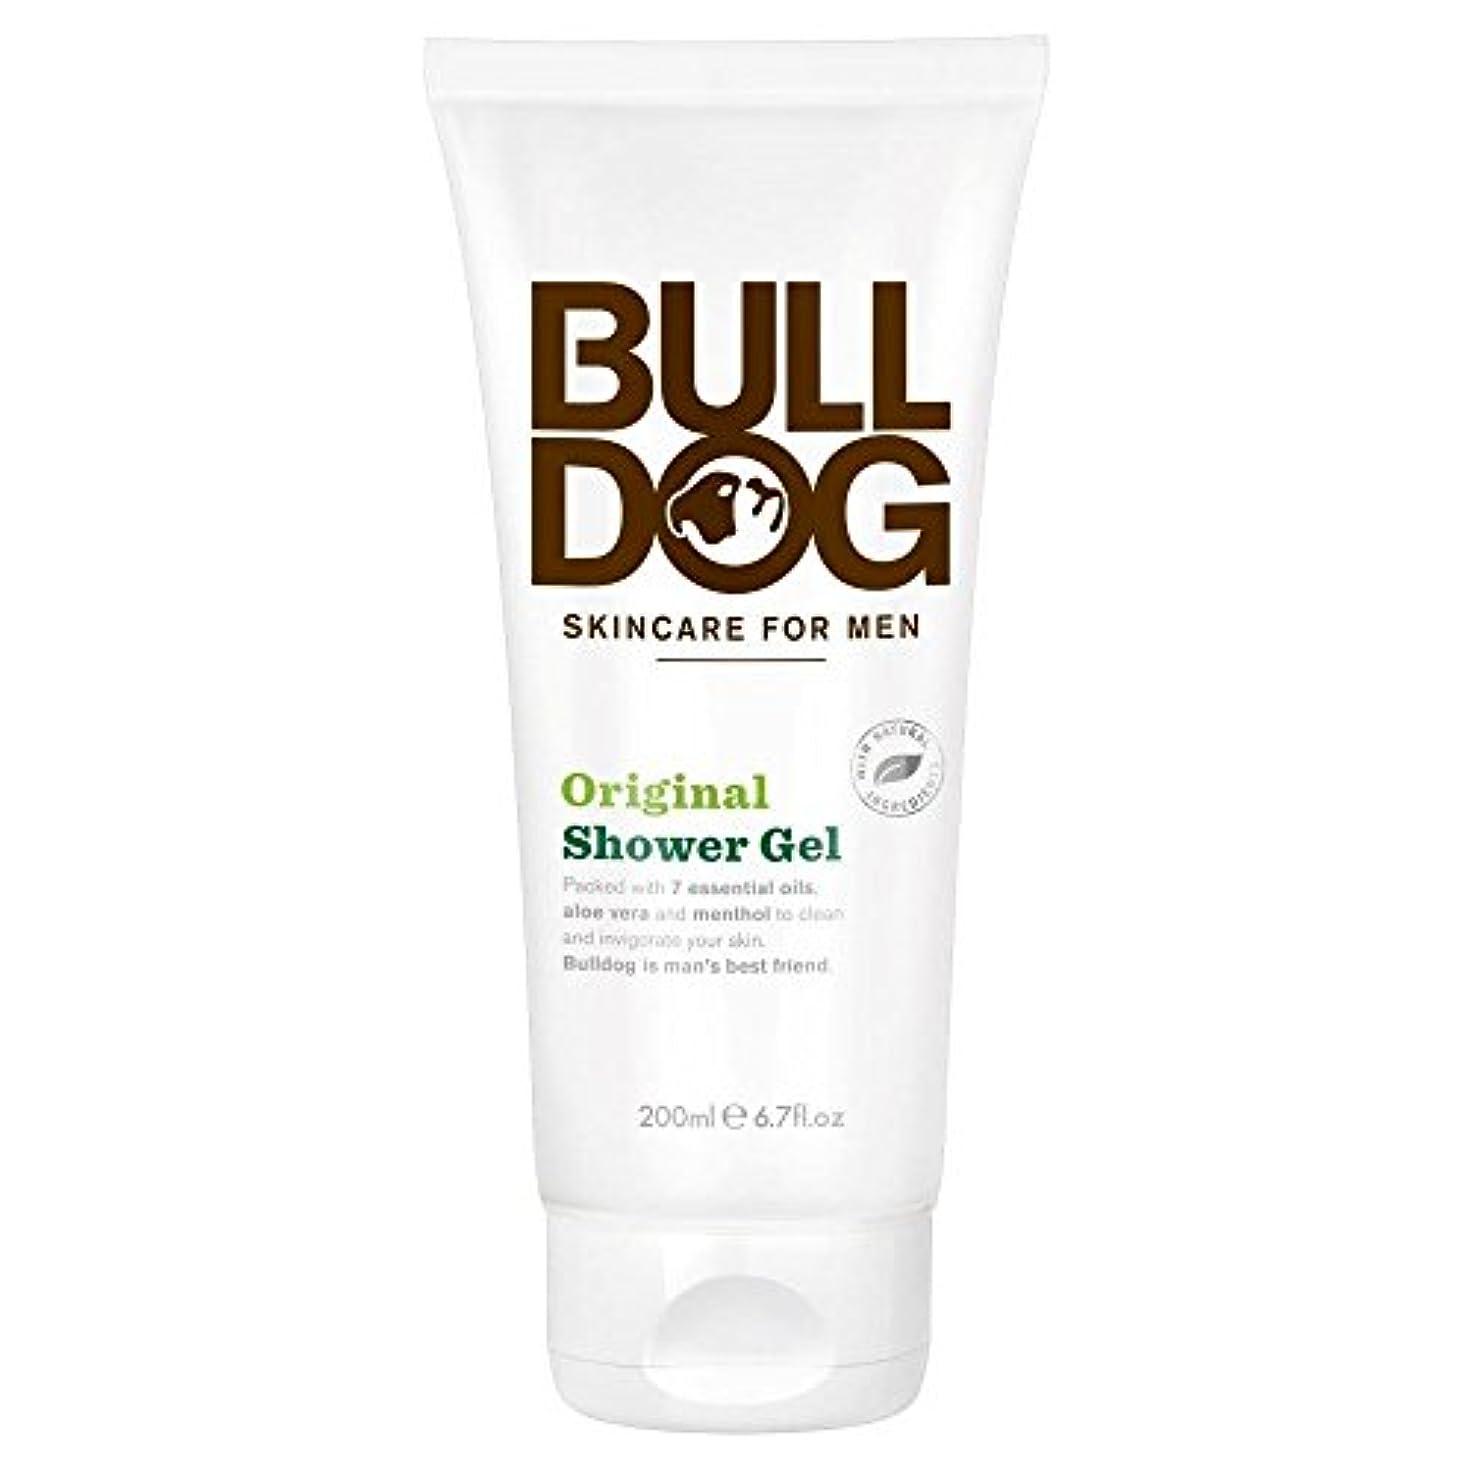 ビタミン吸収上院Bulldog Shower Gel - Original (200ml) ブルドッグのシャワージェル - 元( 200ミリリットル)